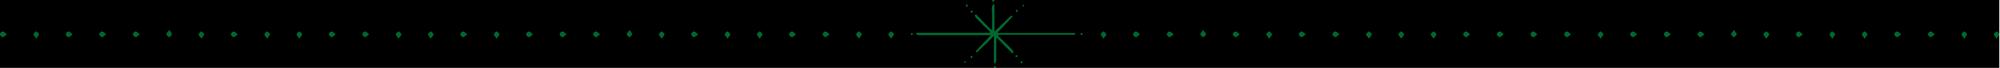 A starburst separator pattern